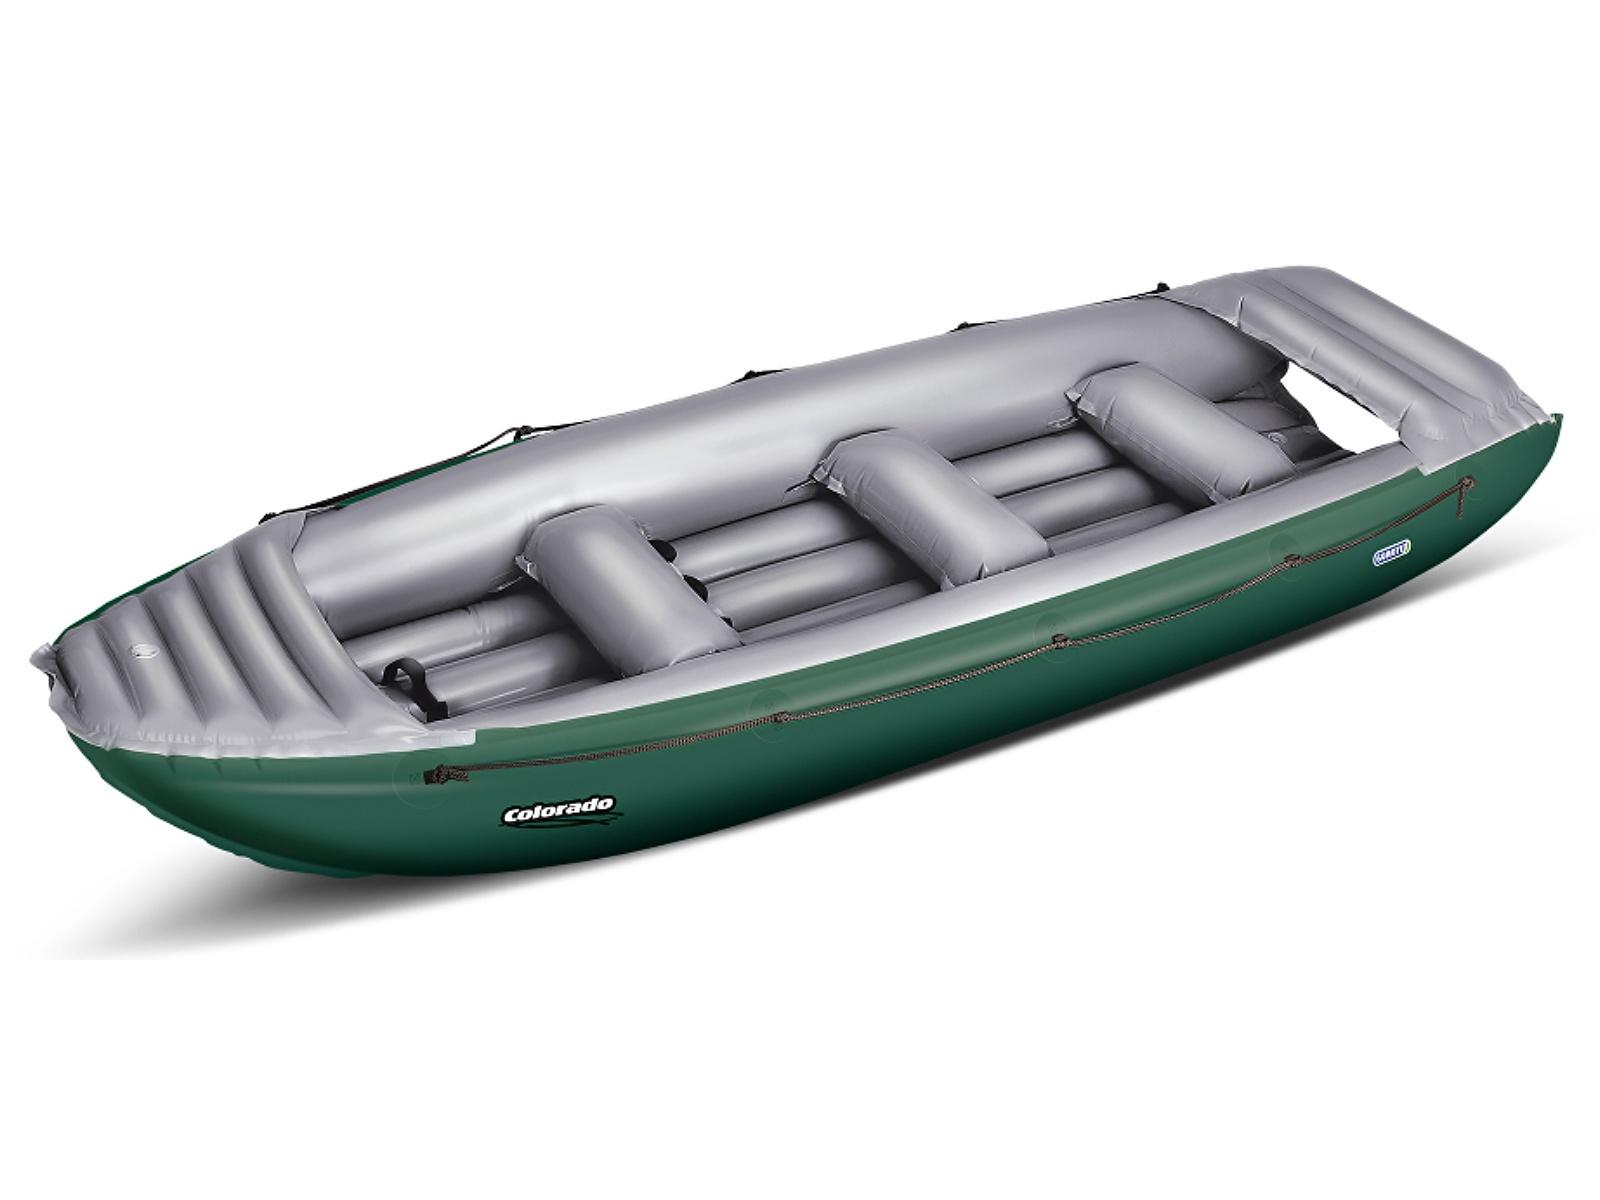 Nafukovací čln GUMOTEX Colorado 450 SET - zeleno-šedý